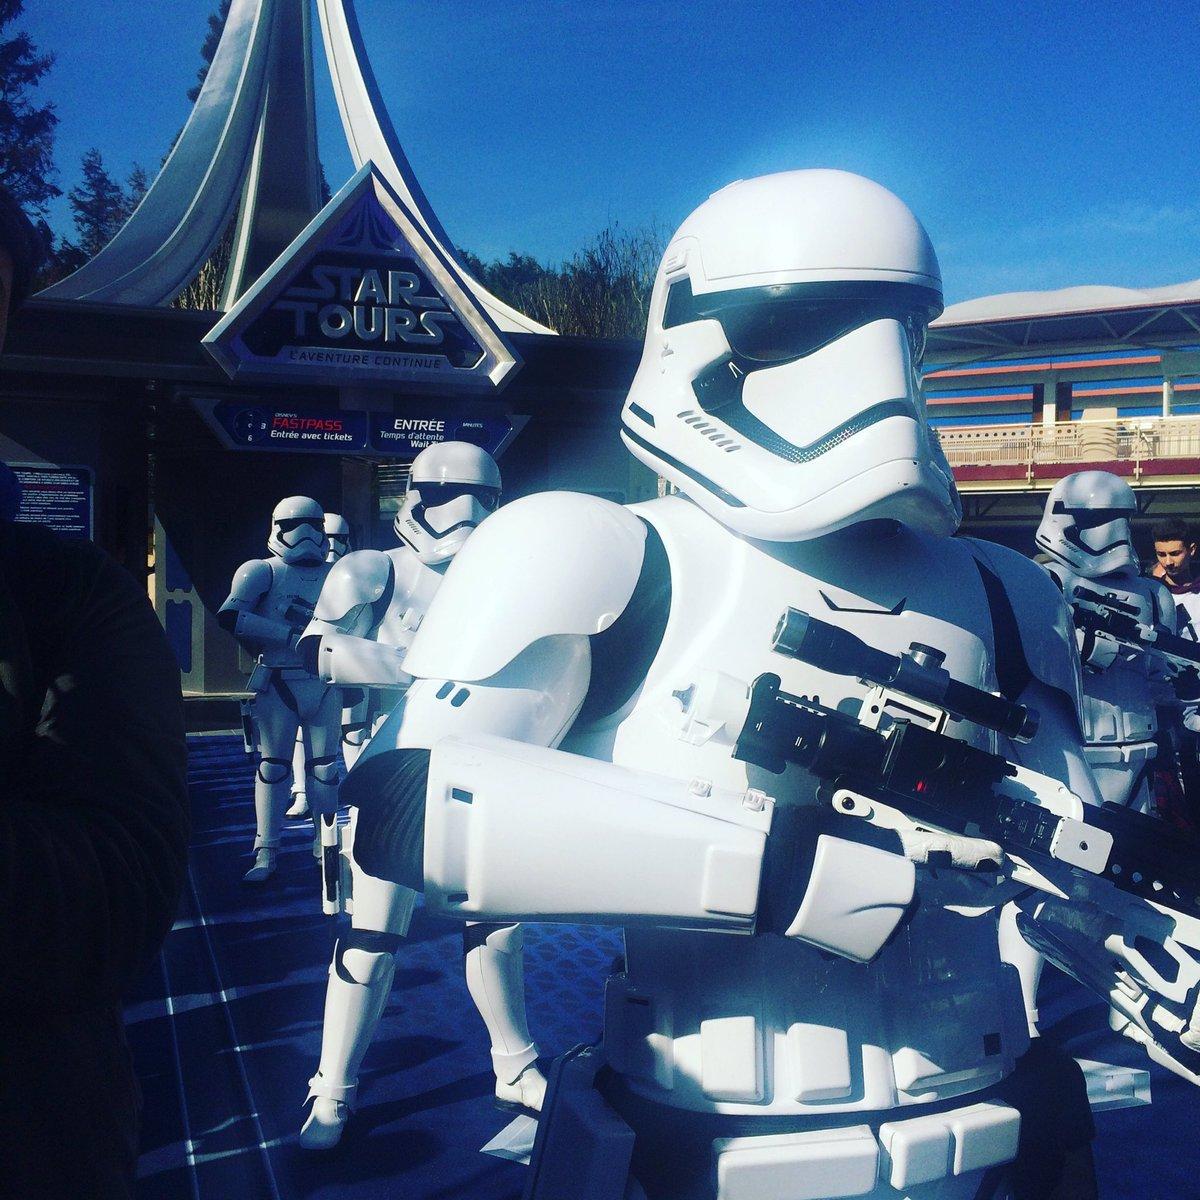 Les #stormtrooper inaugurent la nouvelle attraction #StarTours2 à @DisneylandParis #DisneylandParis25<br>http://pic.twitter.com/EPFl9qJqCT